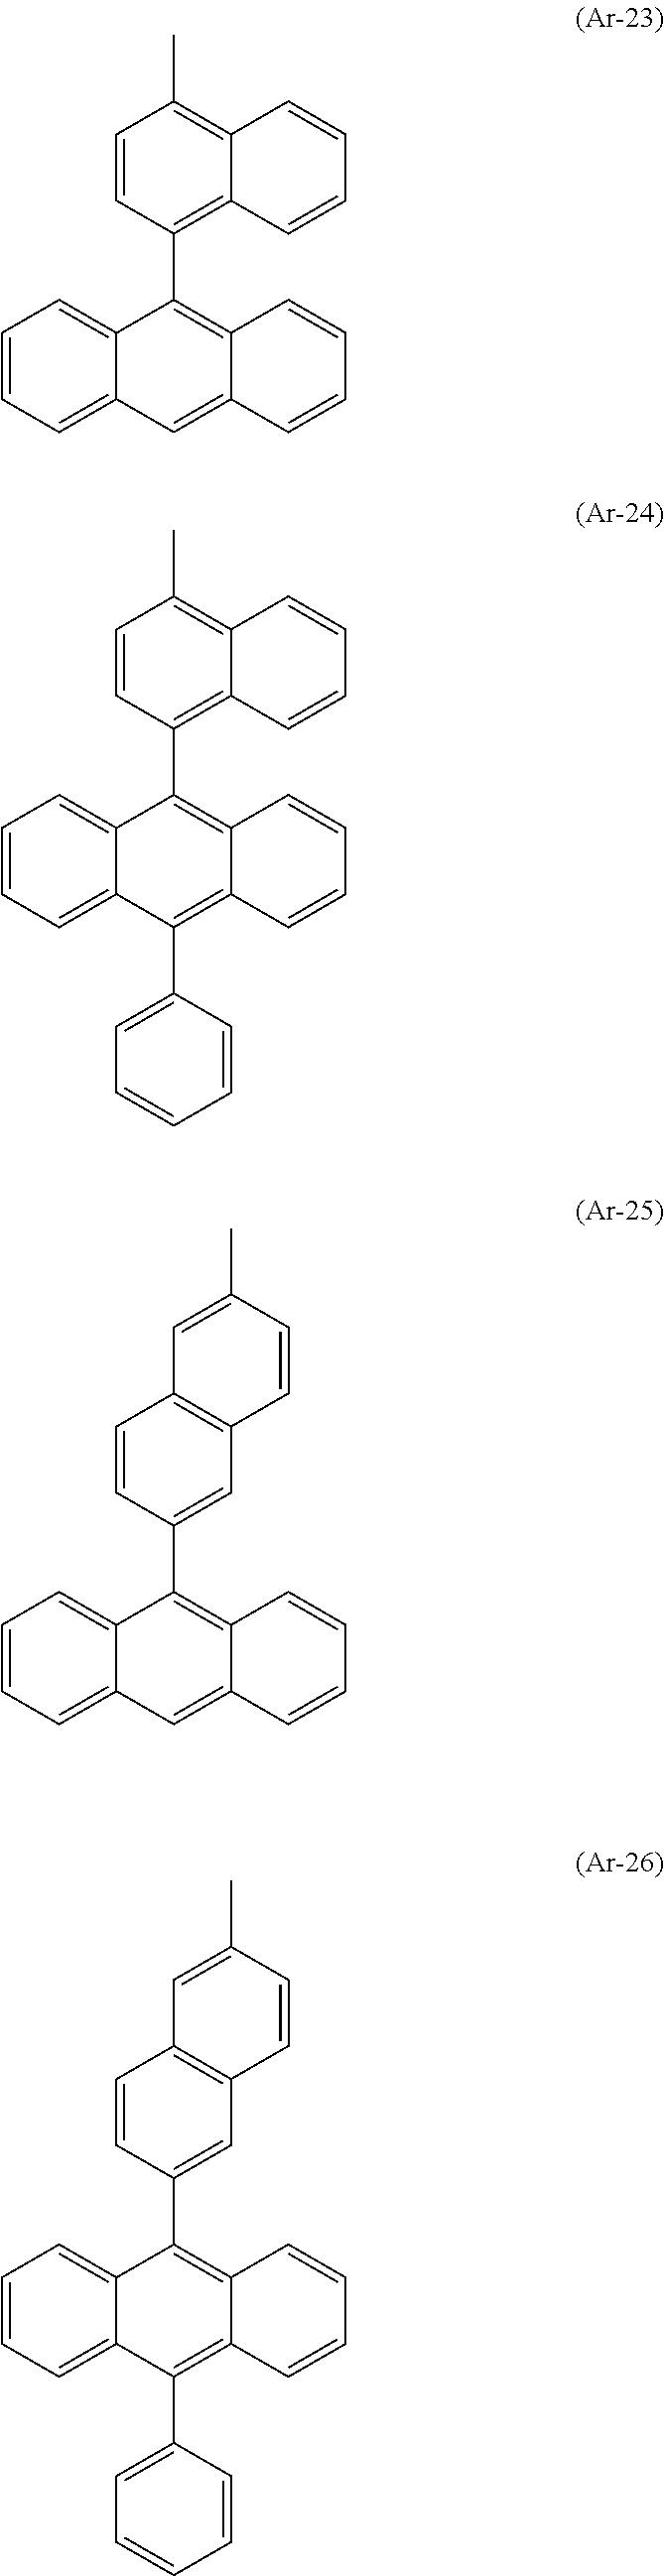 Figure US20130020561A1-20130124-C00022